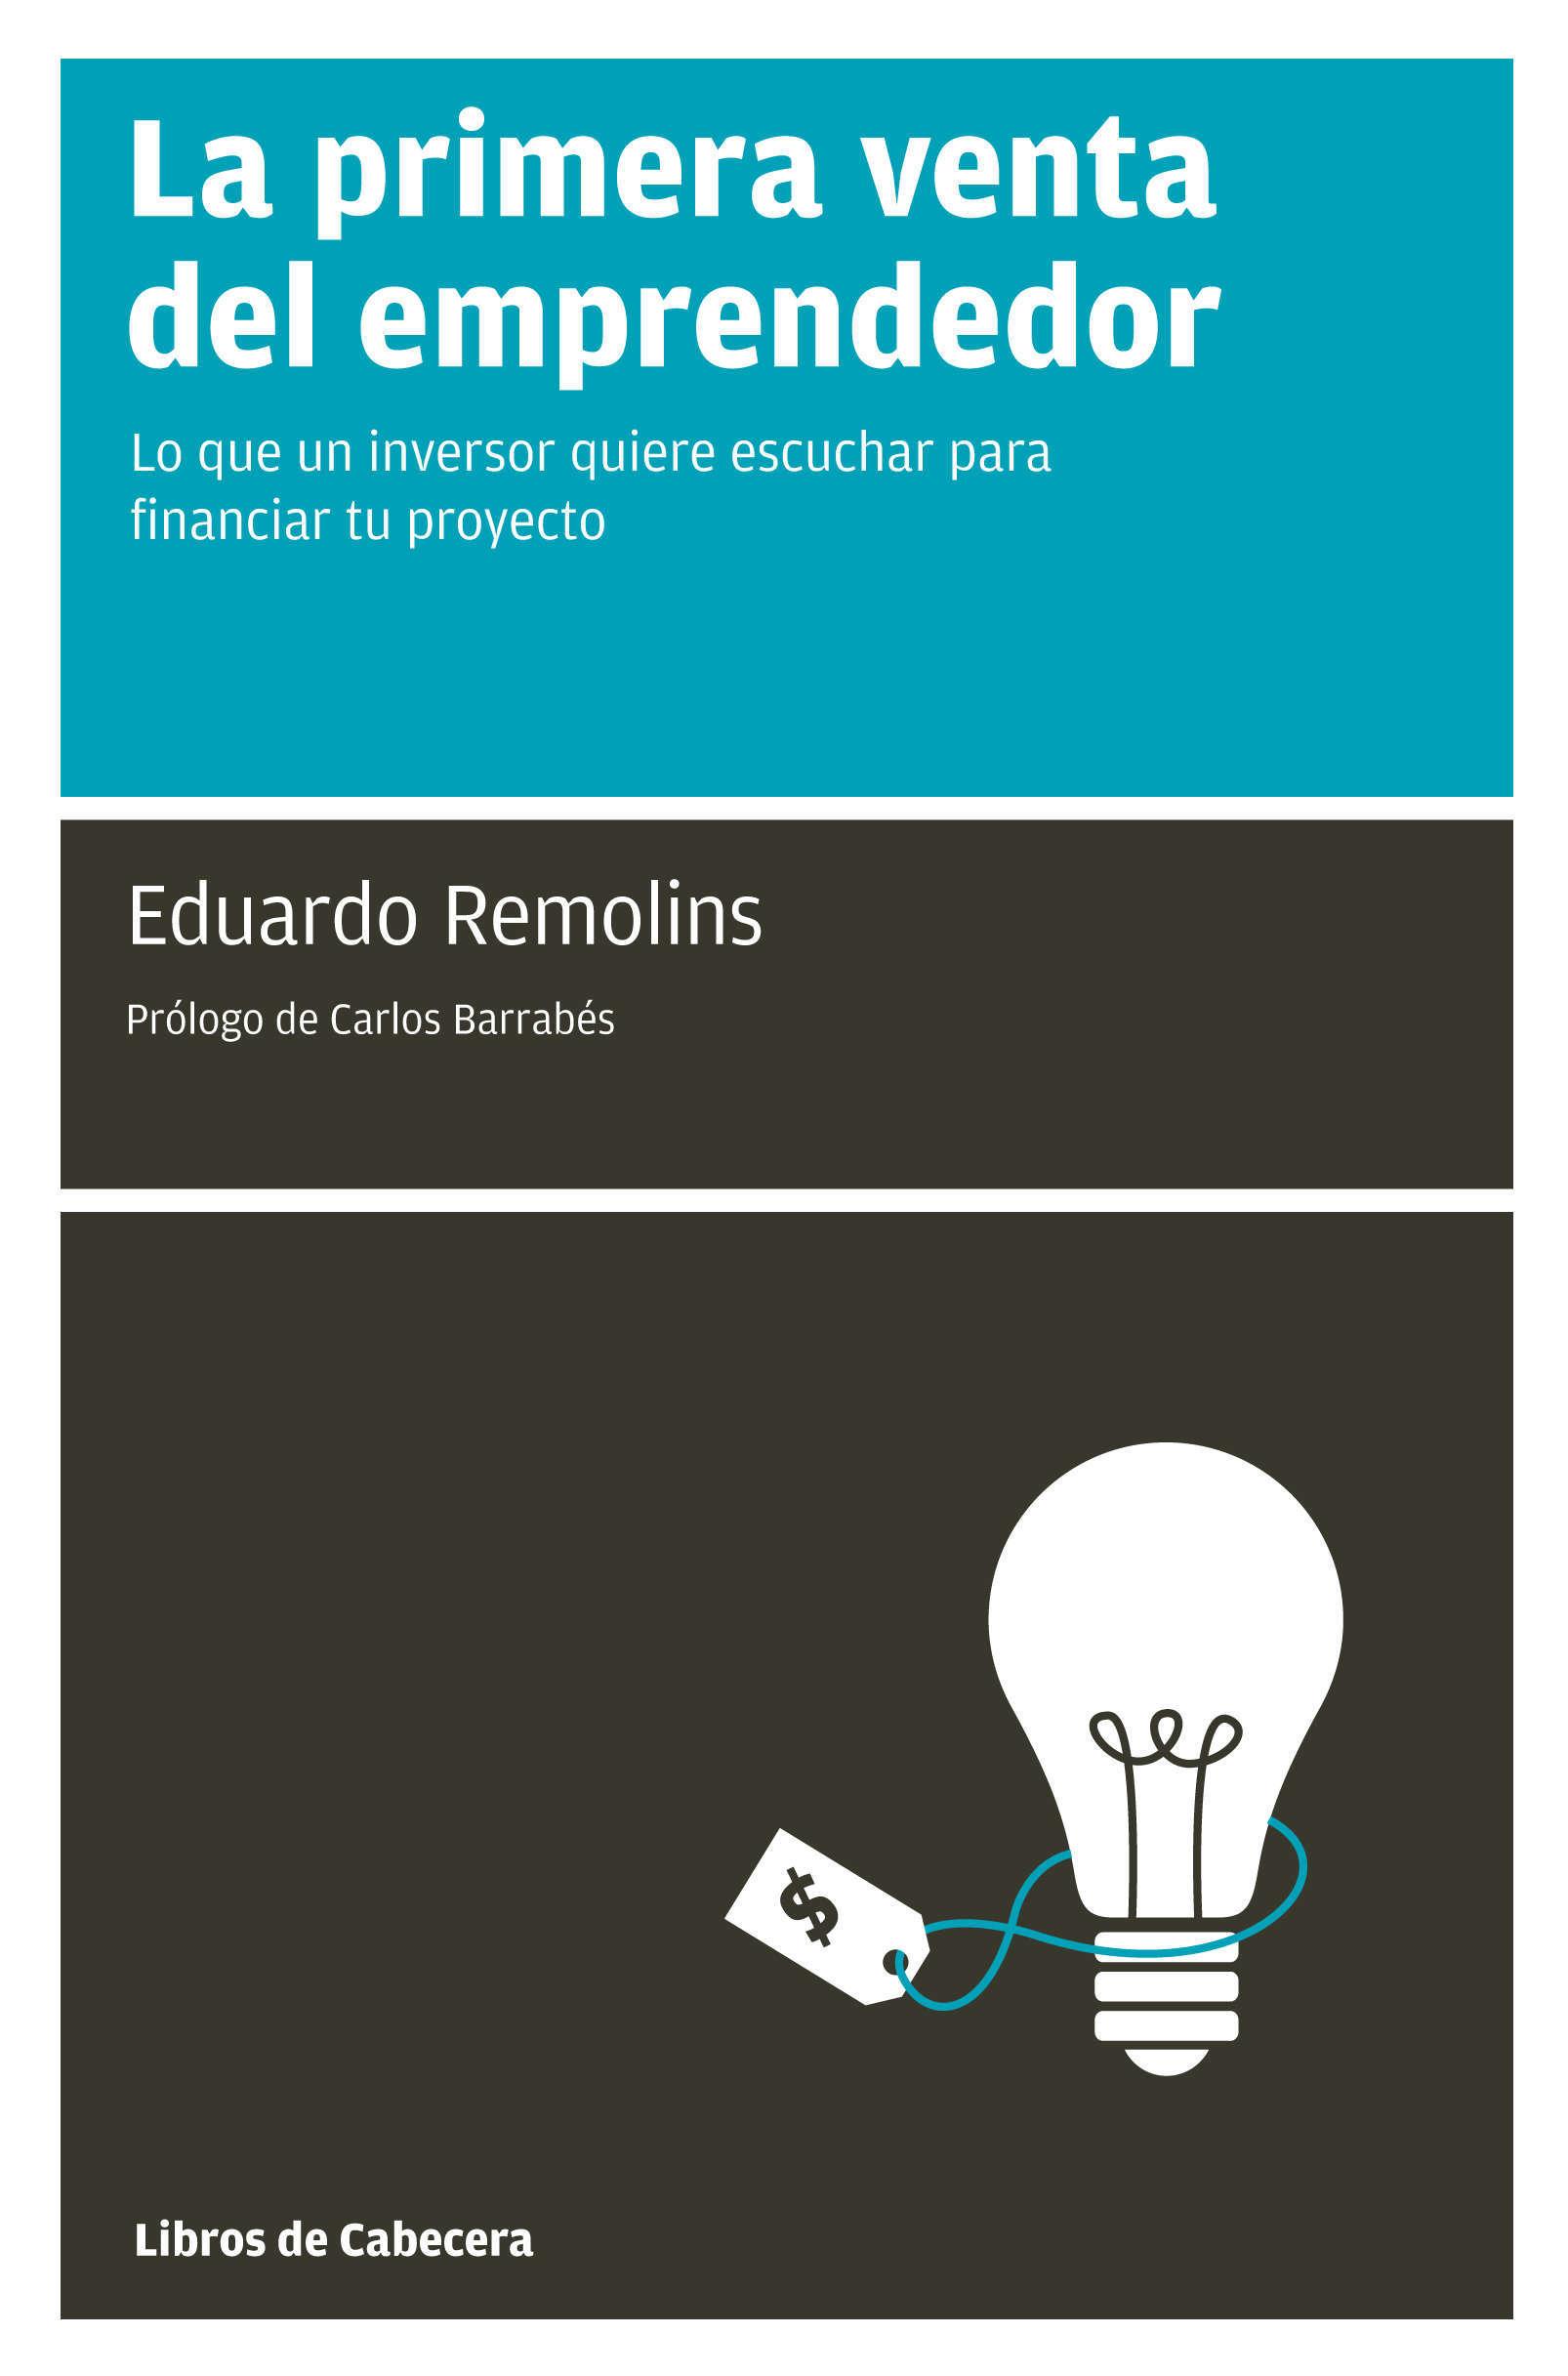 Eduardo Remolins